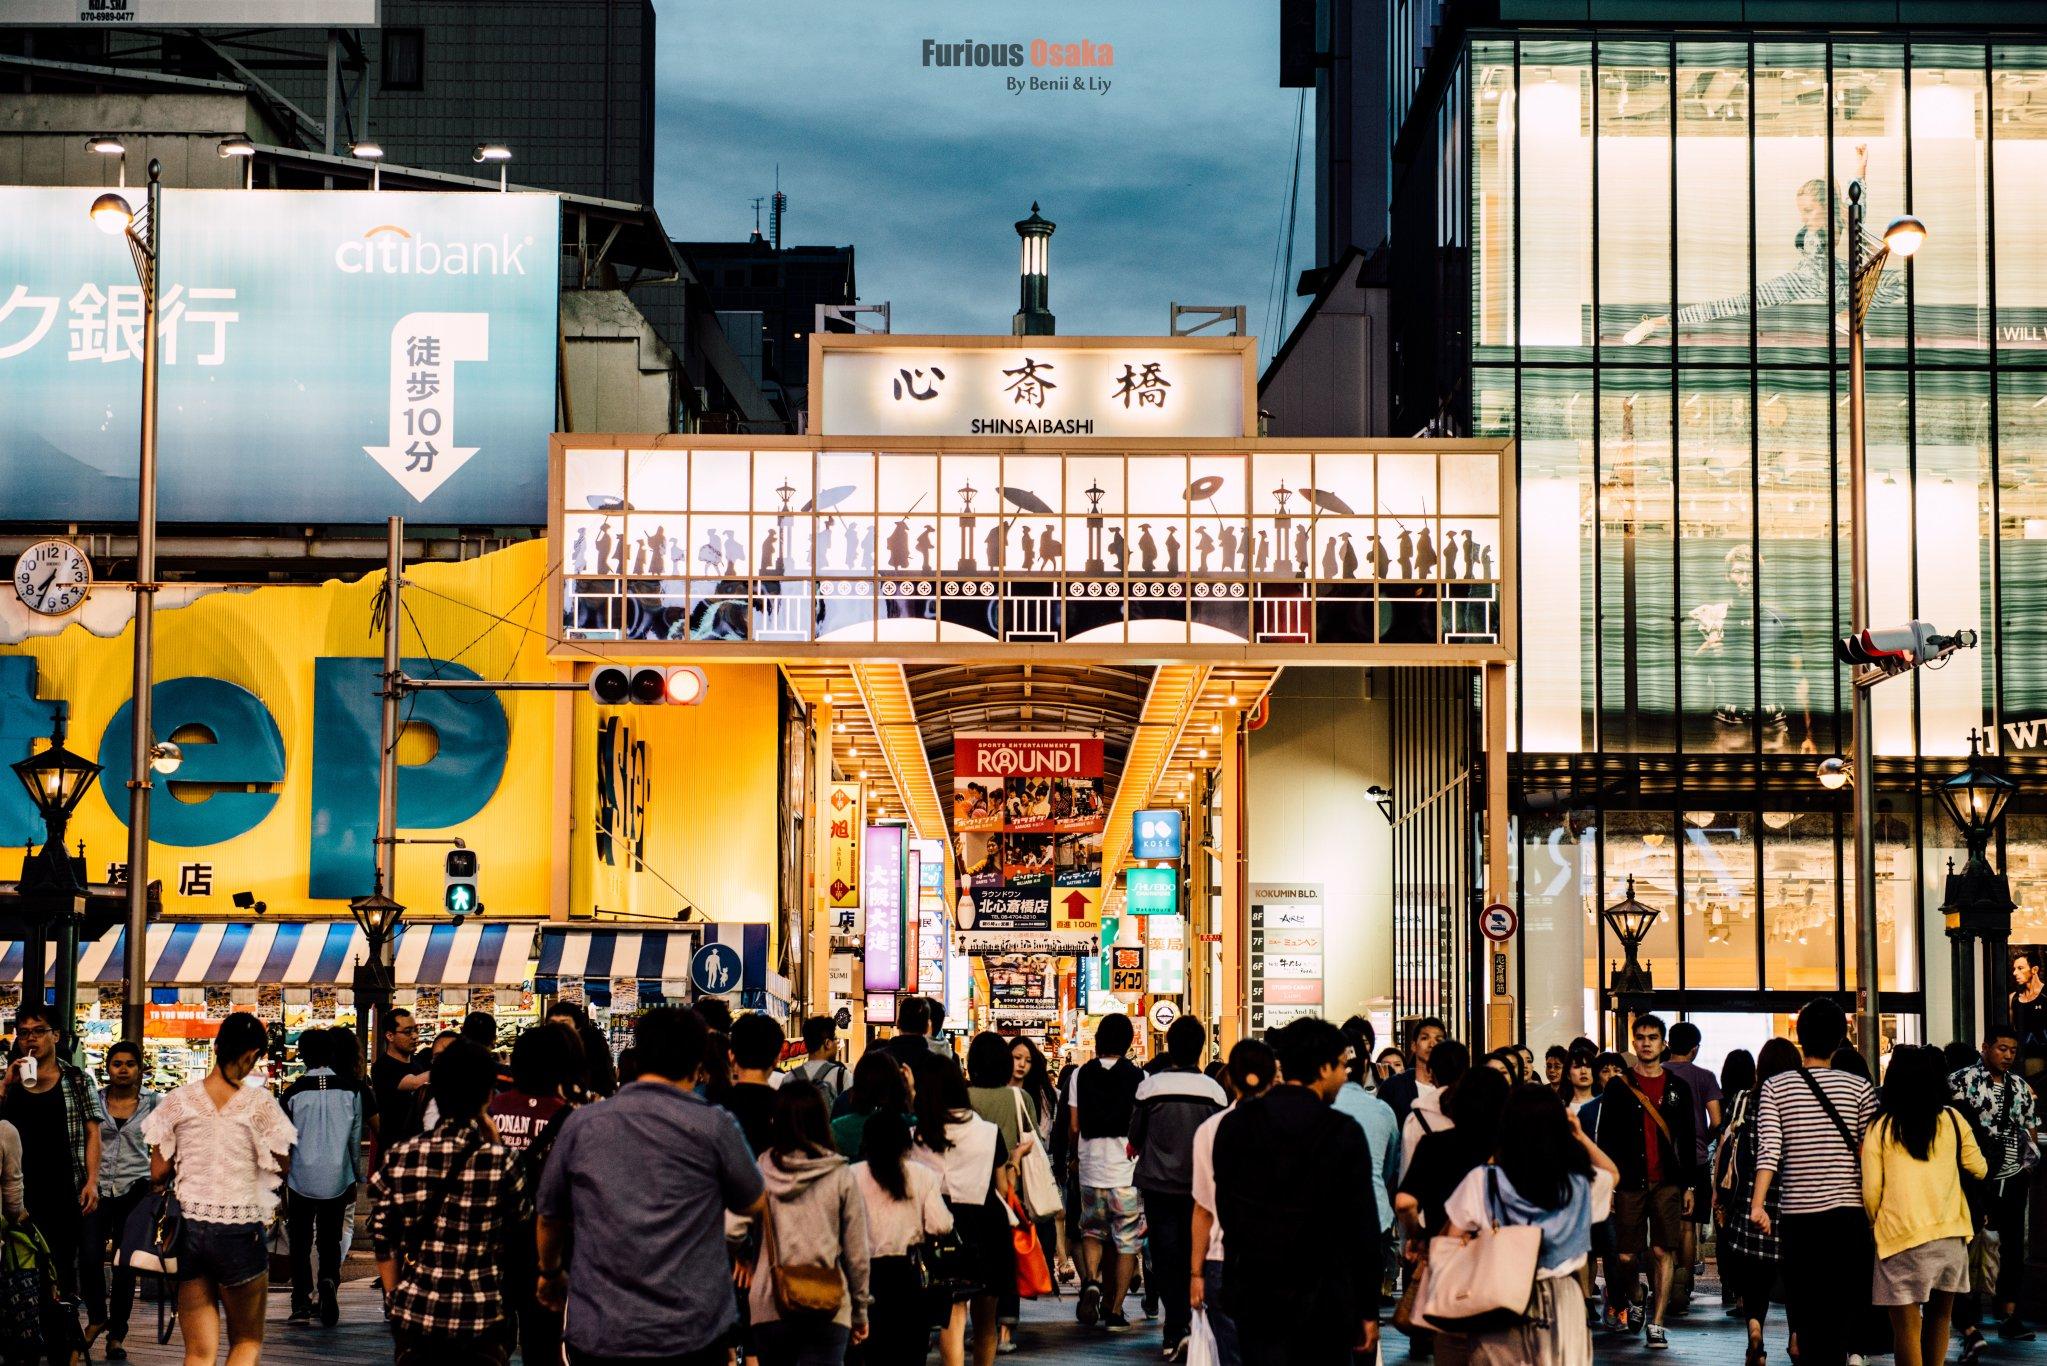 【日本】迷失东京,梦之京都,急行大阪